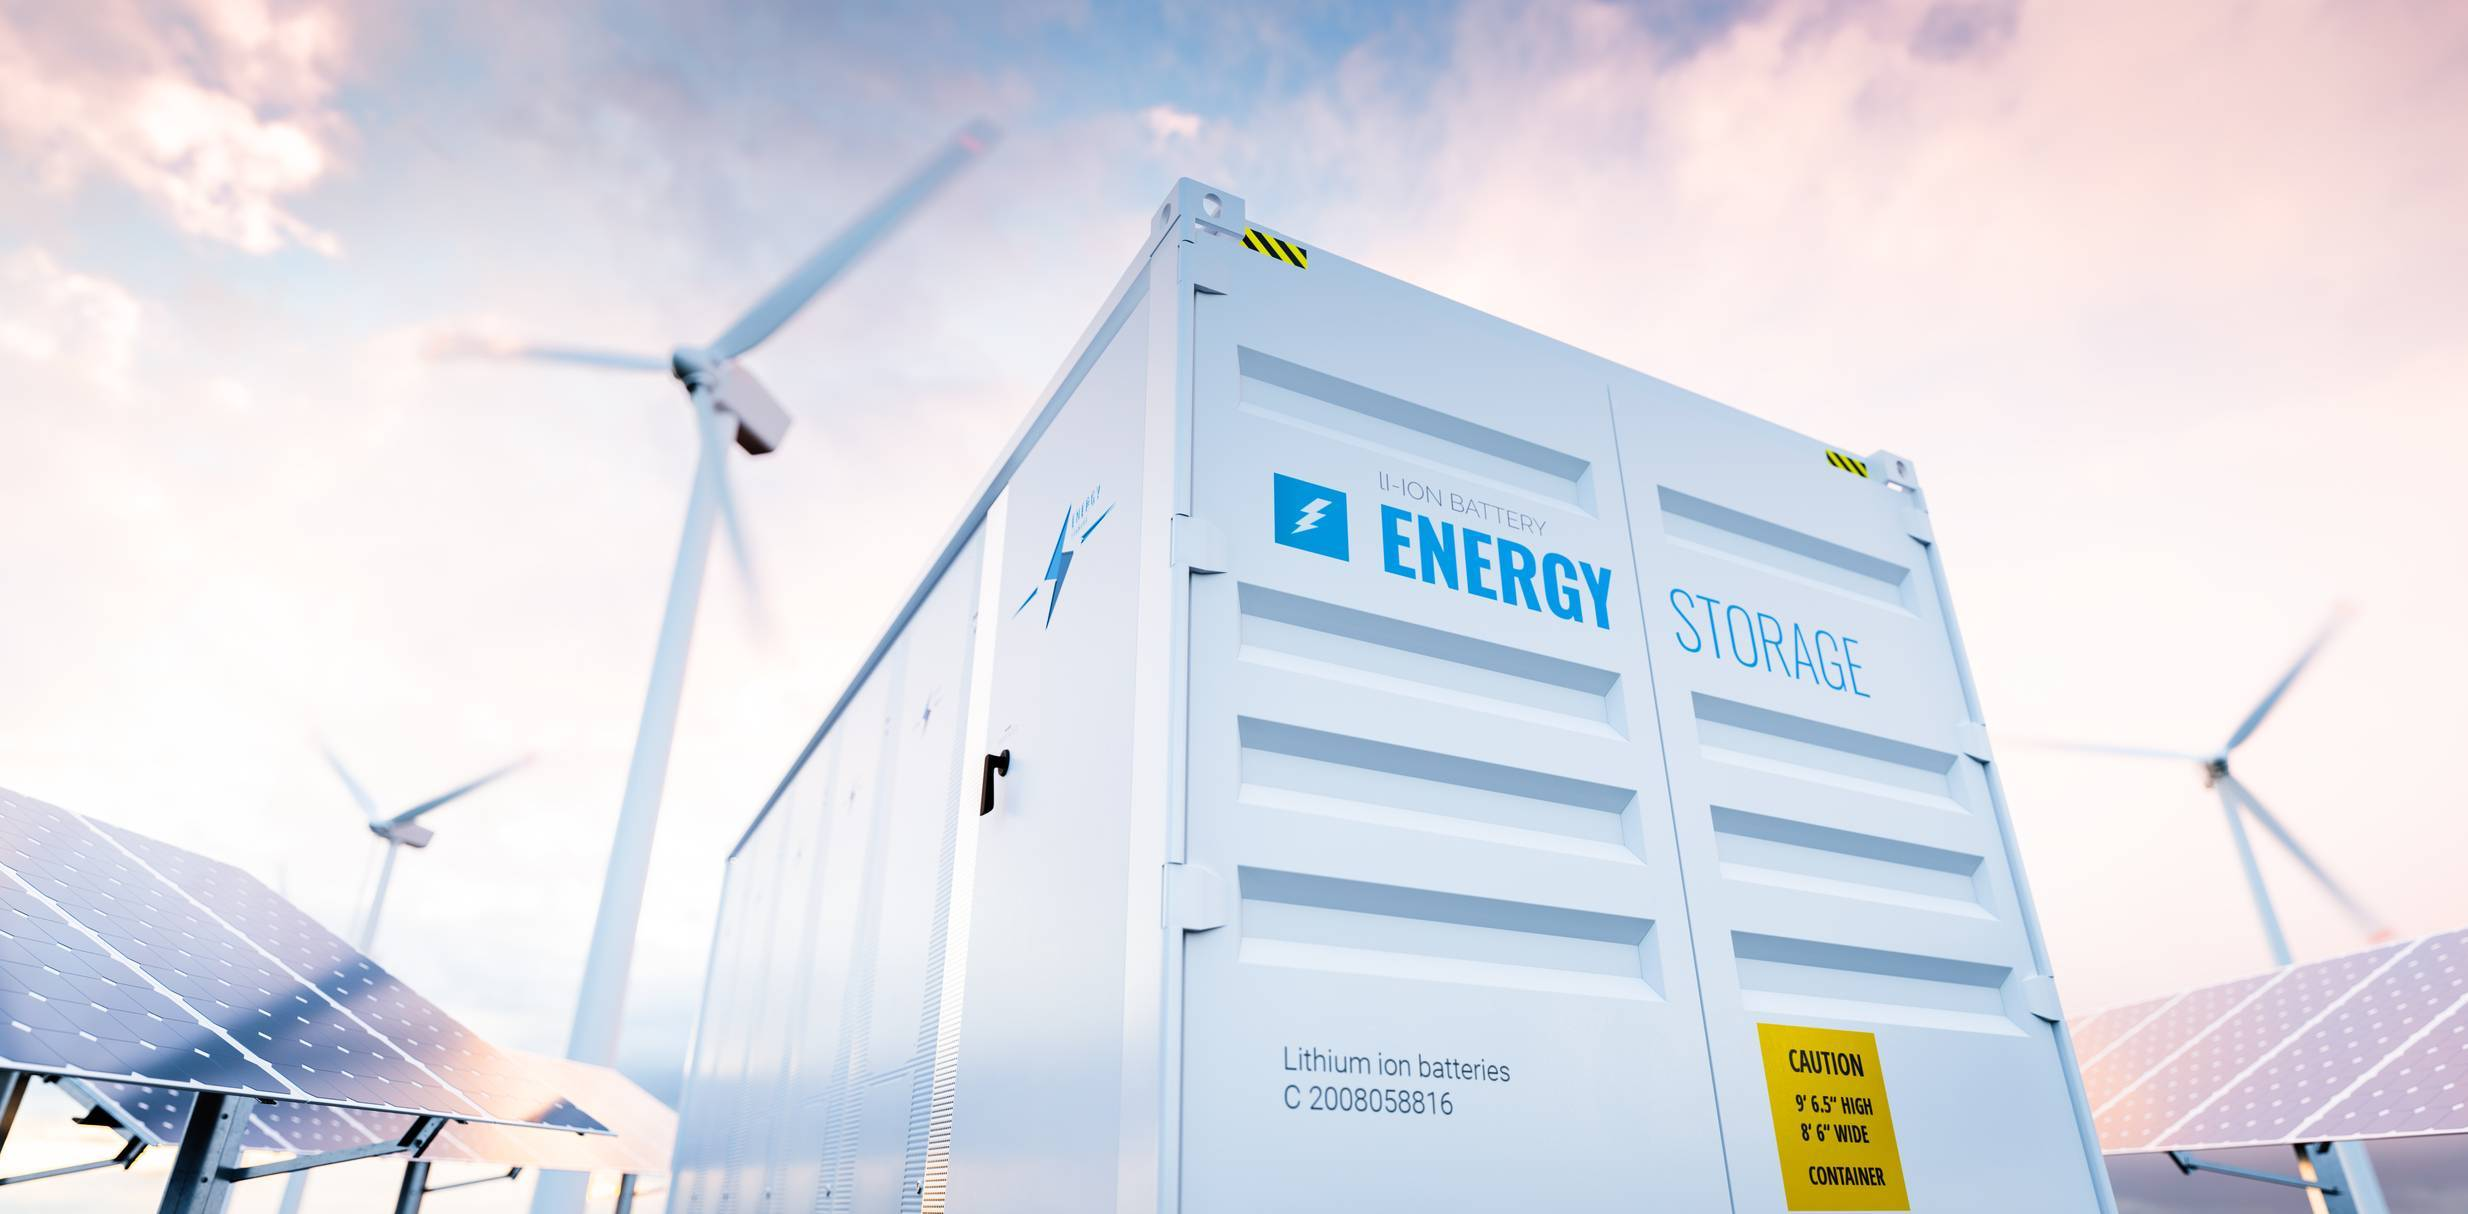 choix du fournisseur d'énergie, comparateur